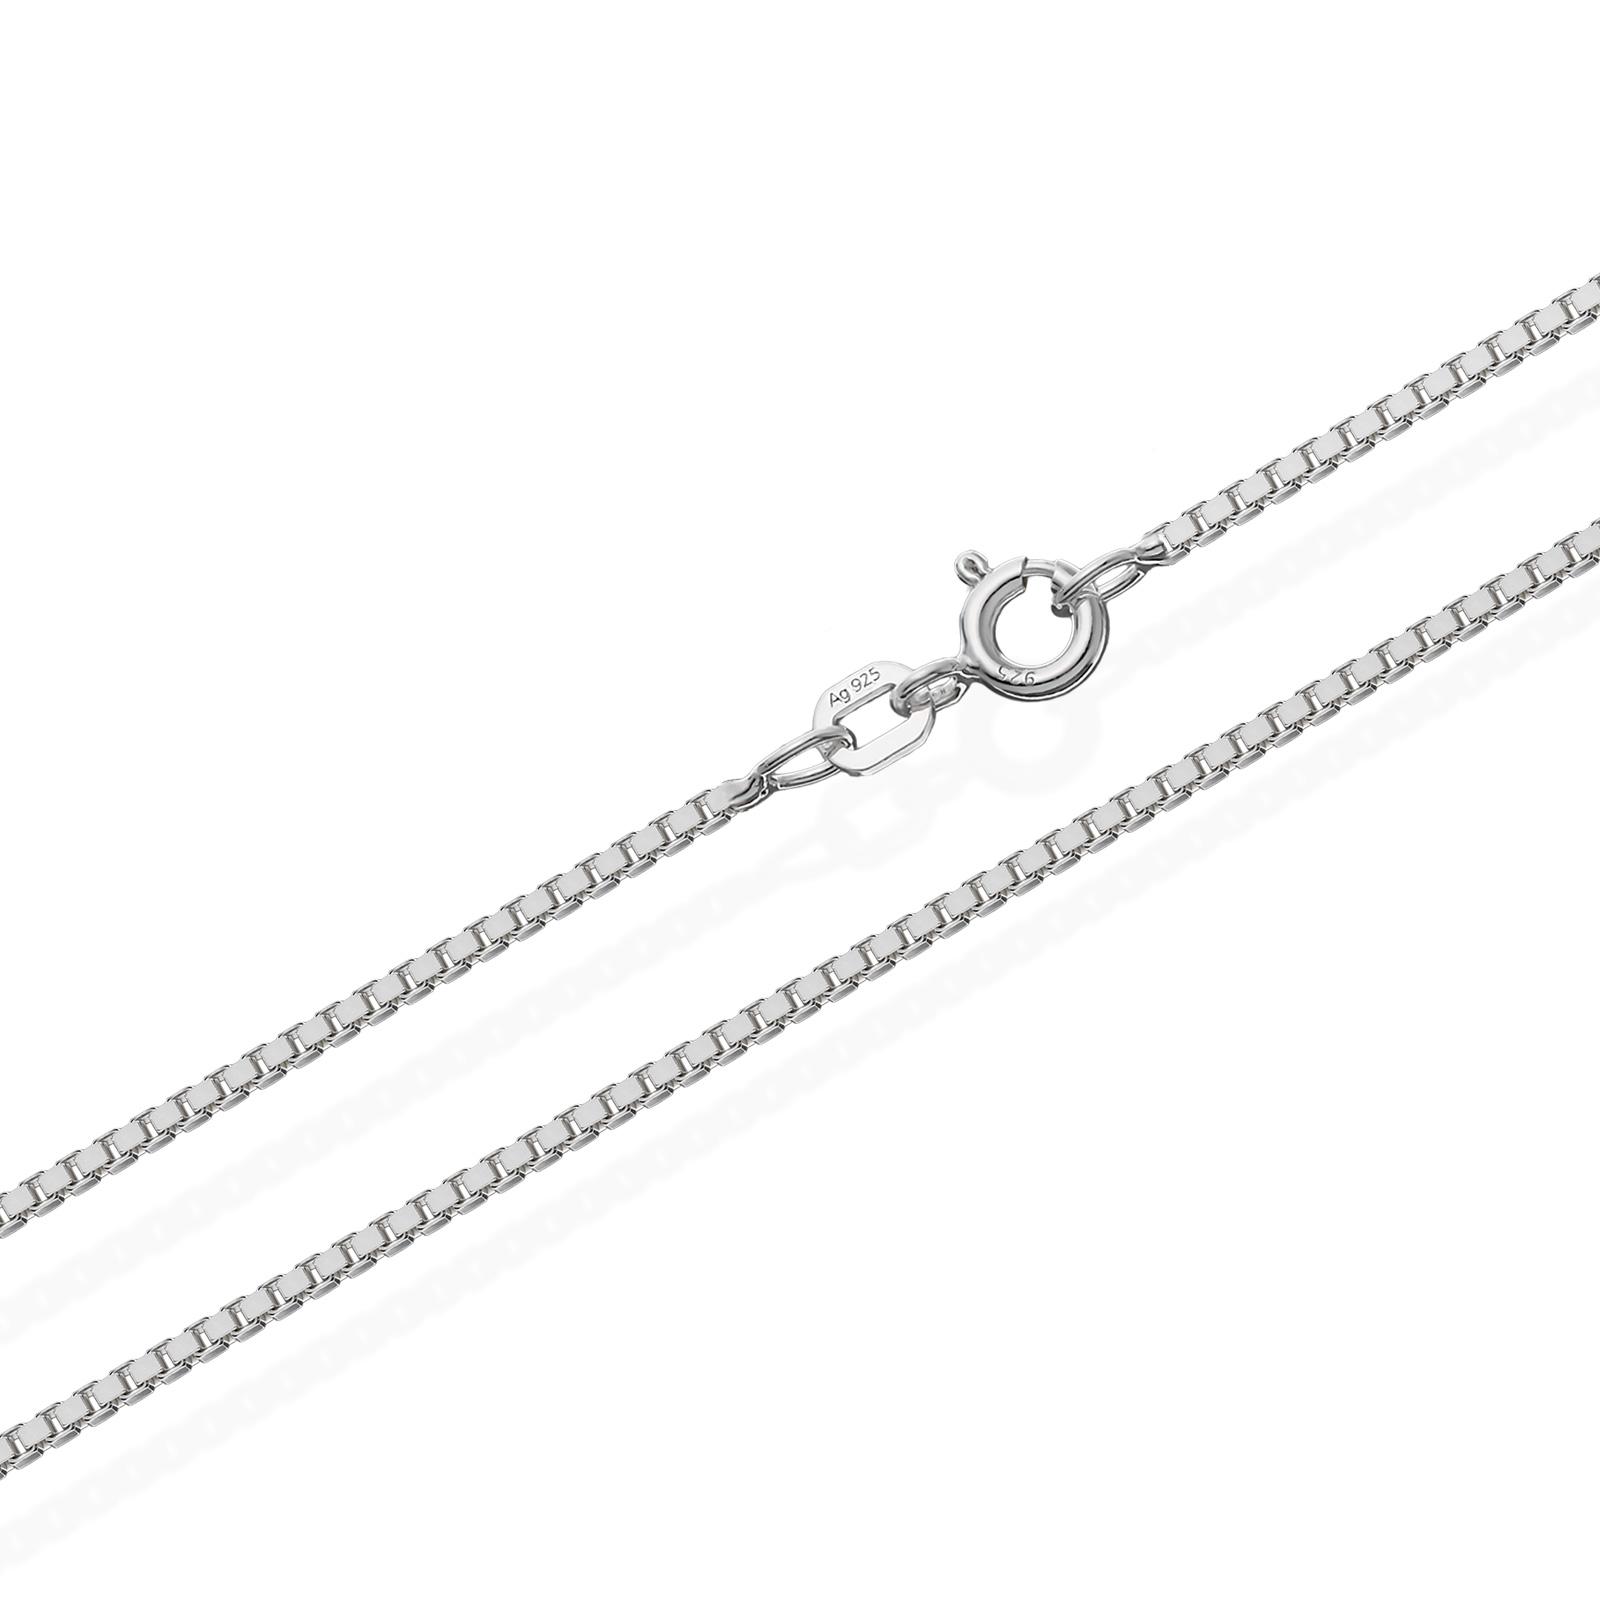 echte 925er Sterlingsilber Venezianerkette Silberkette Halskette Damen Herren 1,20mm